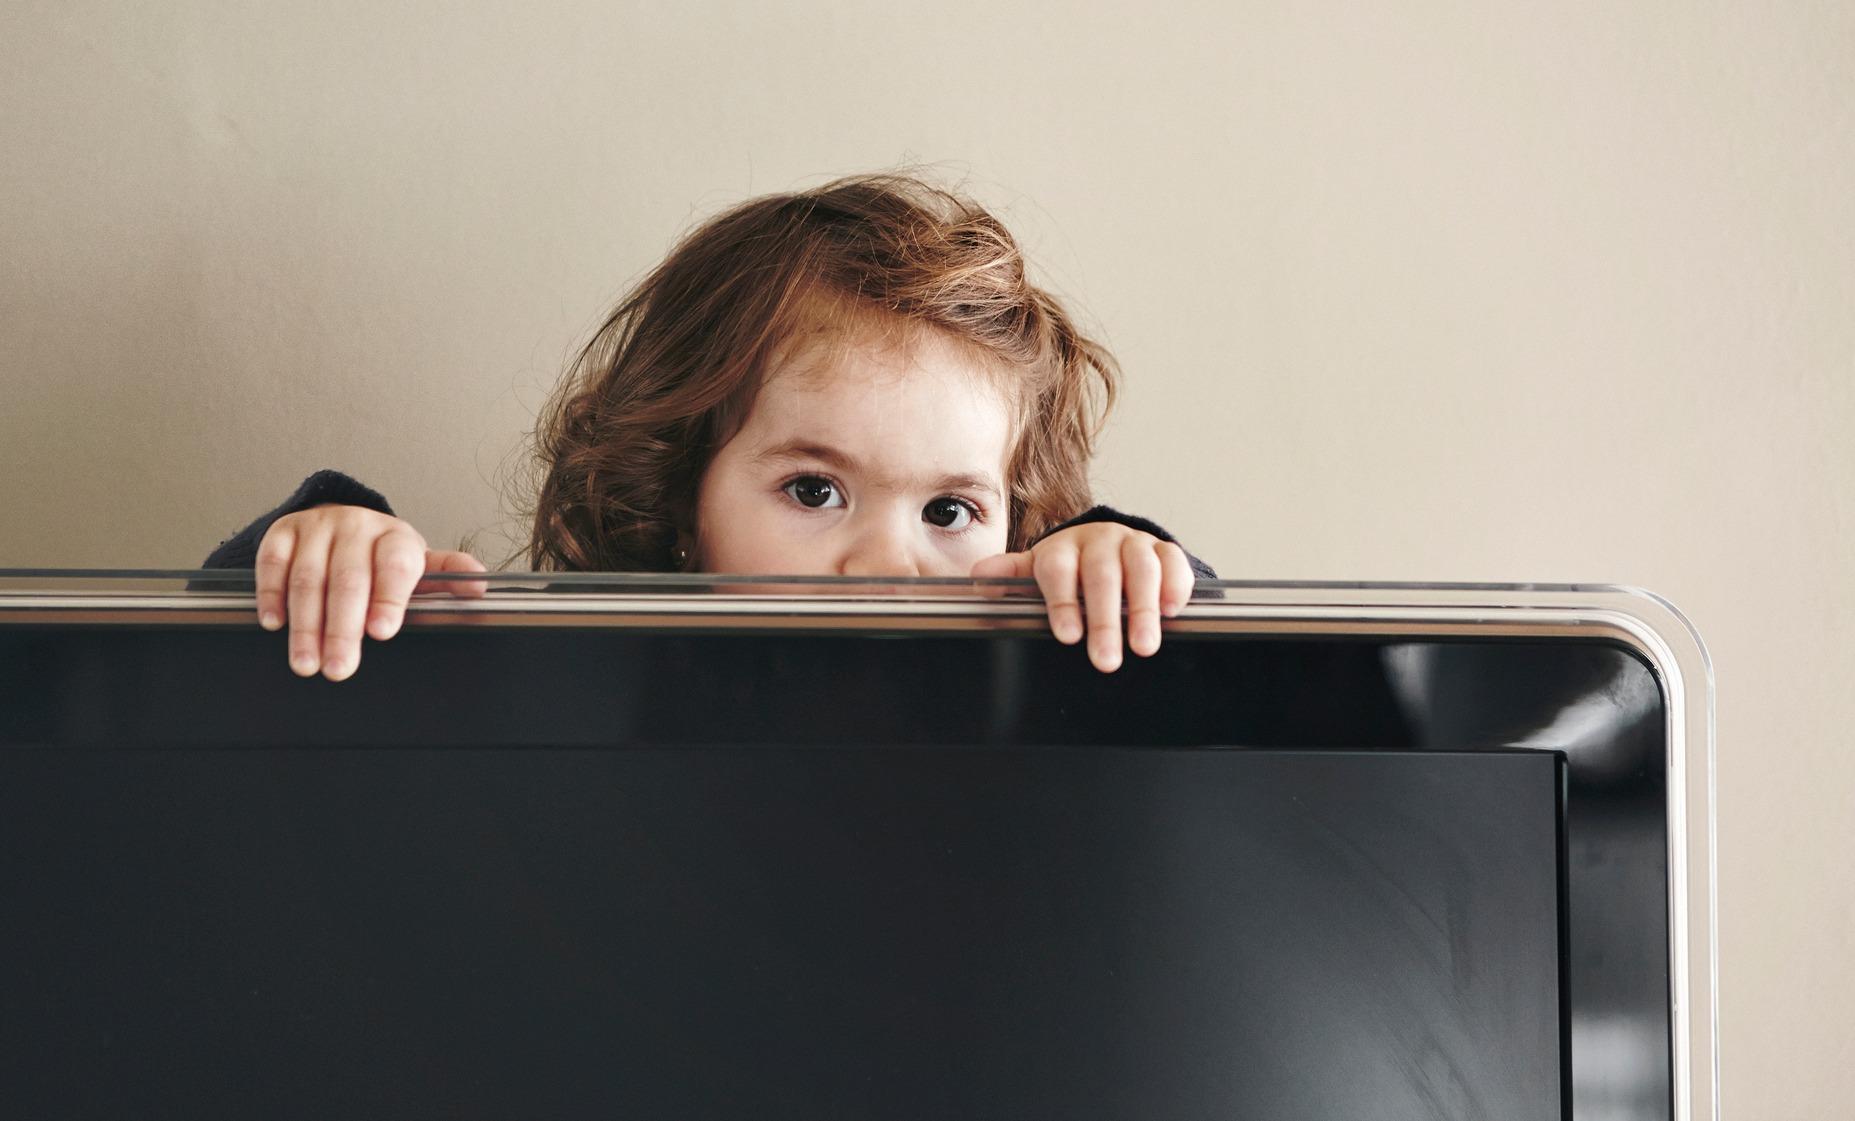 Игровая консоль и телевизор в детской комнате - за и против